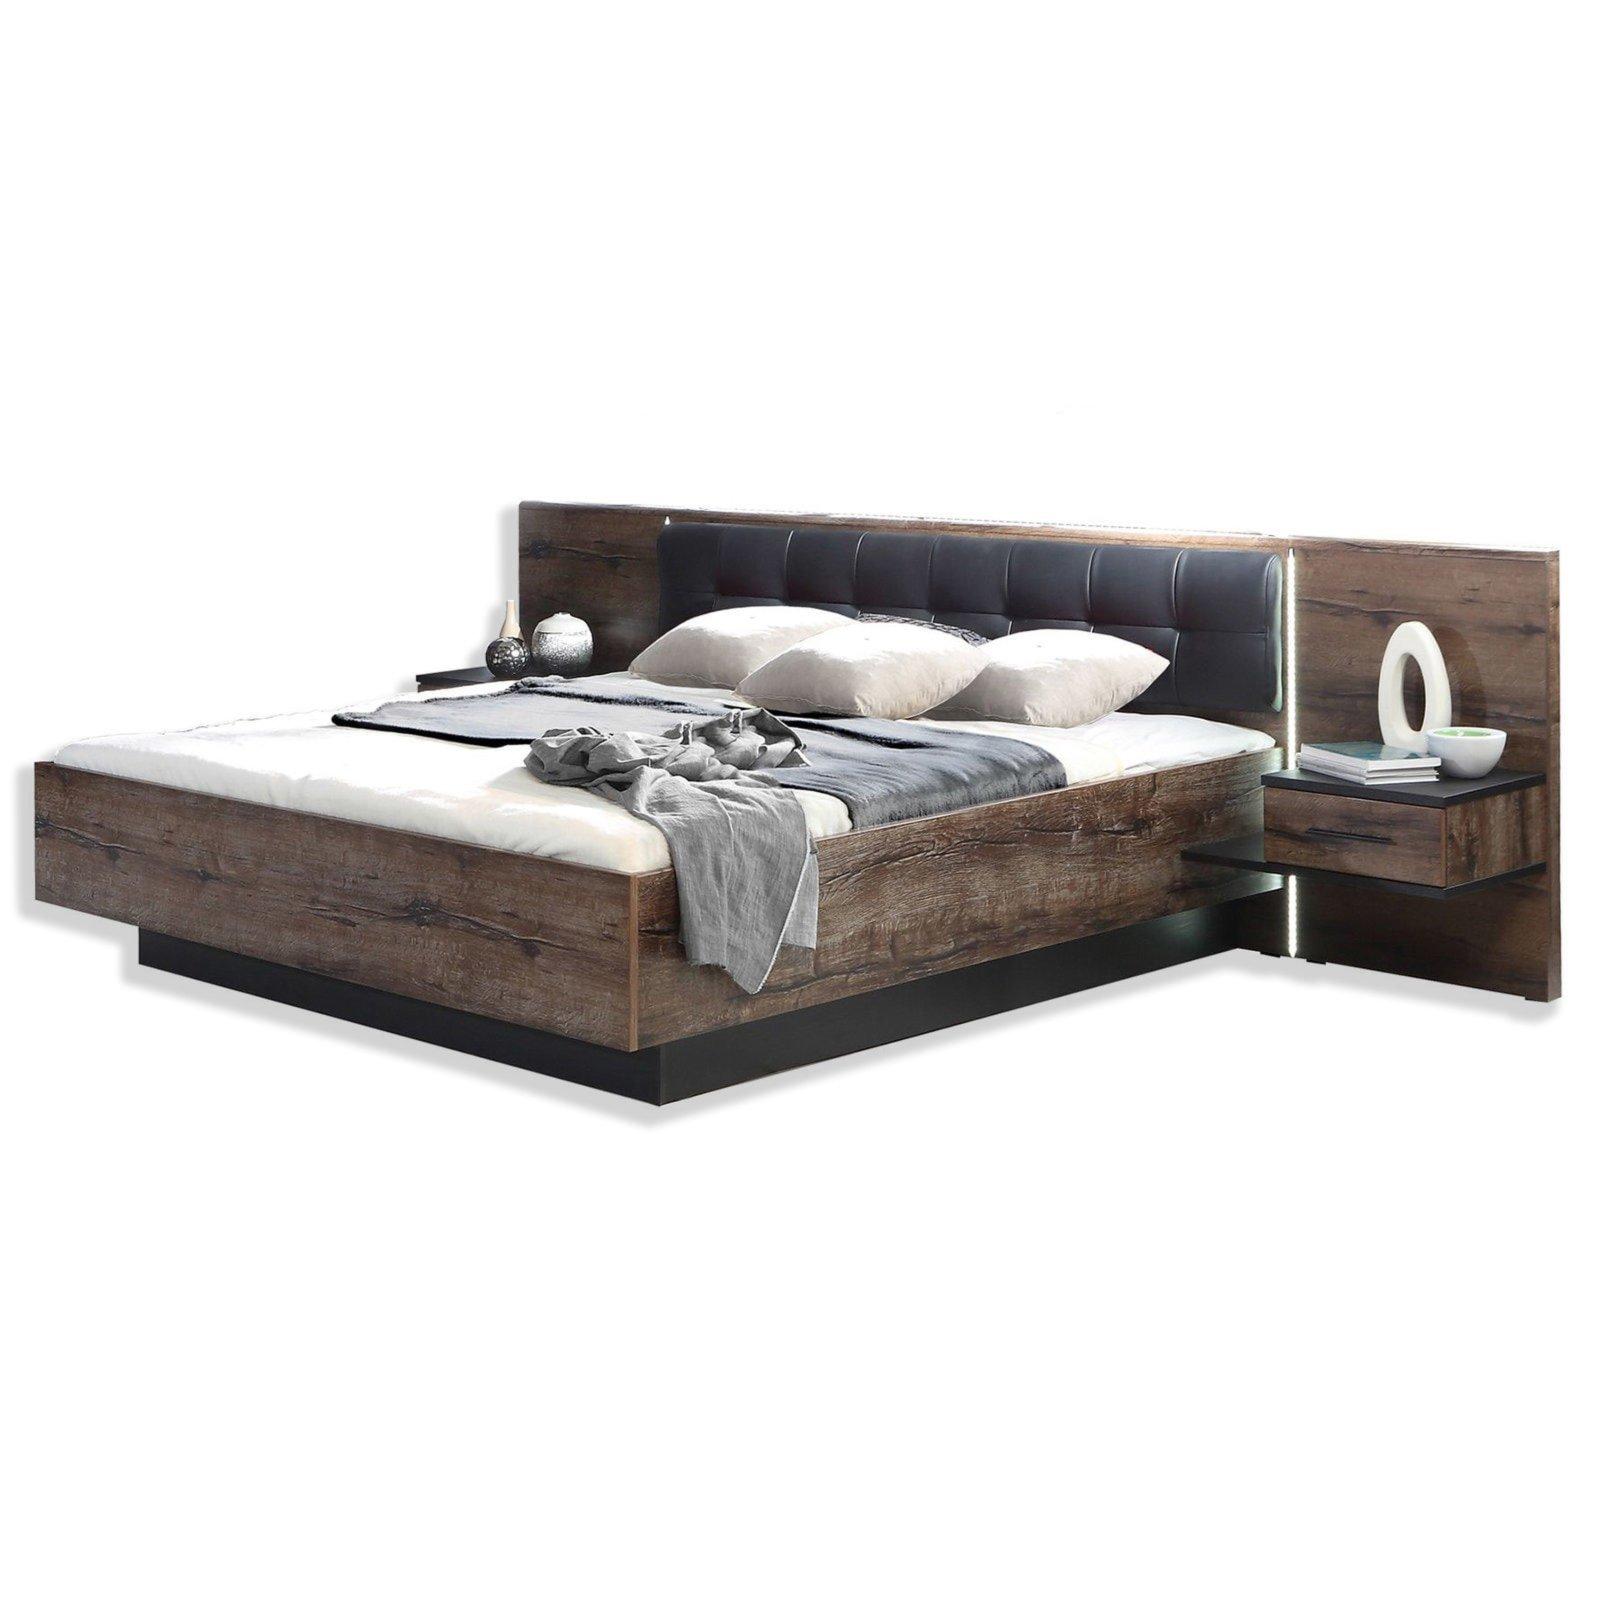 bettanlage bellevue eiche schwarz 180x200 cm bettgestelle betten m bel roller. Black Bedroom Furniture Sets. Home Design Ideas